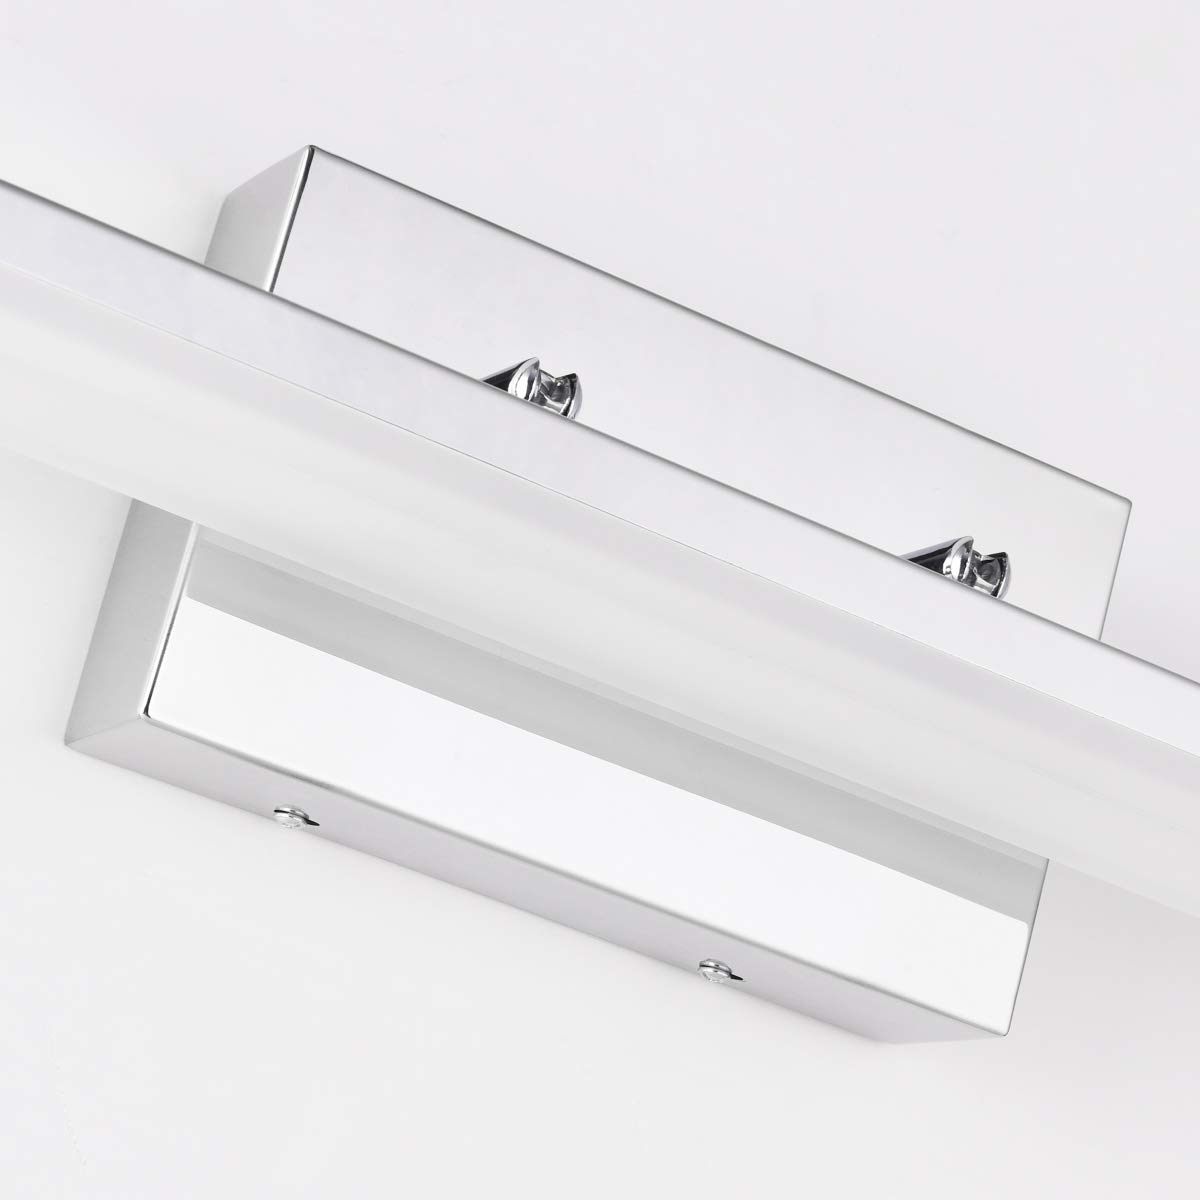 mirrea 36in Modern LED Vanity Light for Bathroom Lighting Dimmable 36w Cold White 5000K